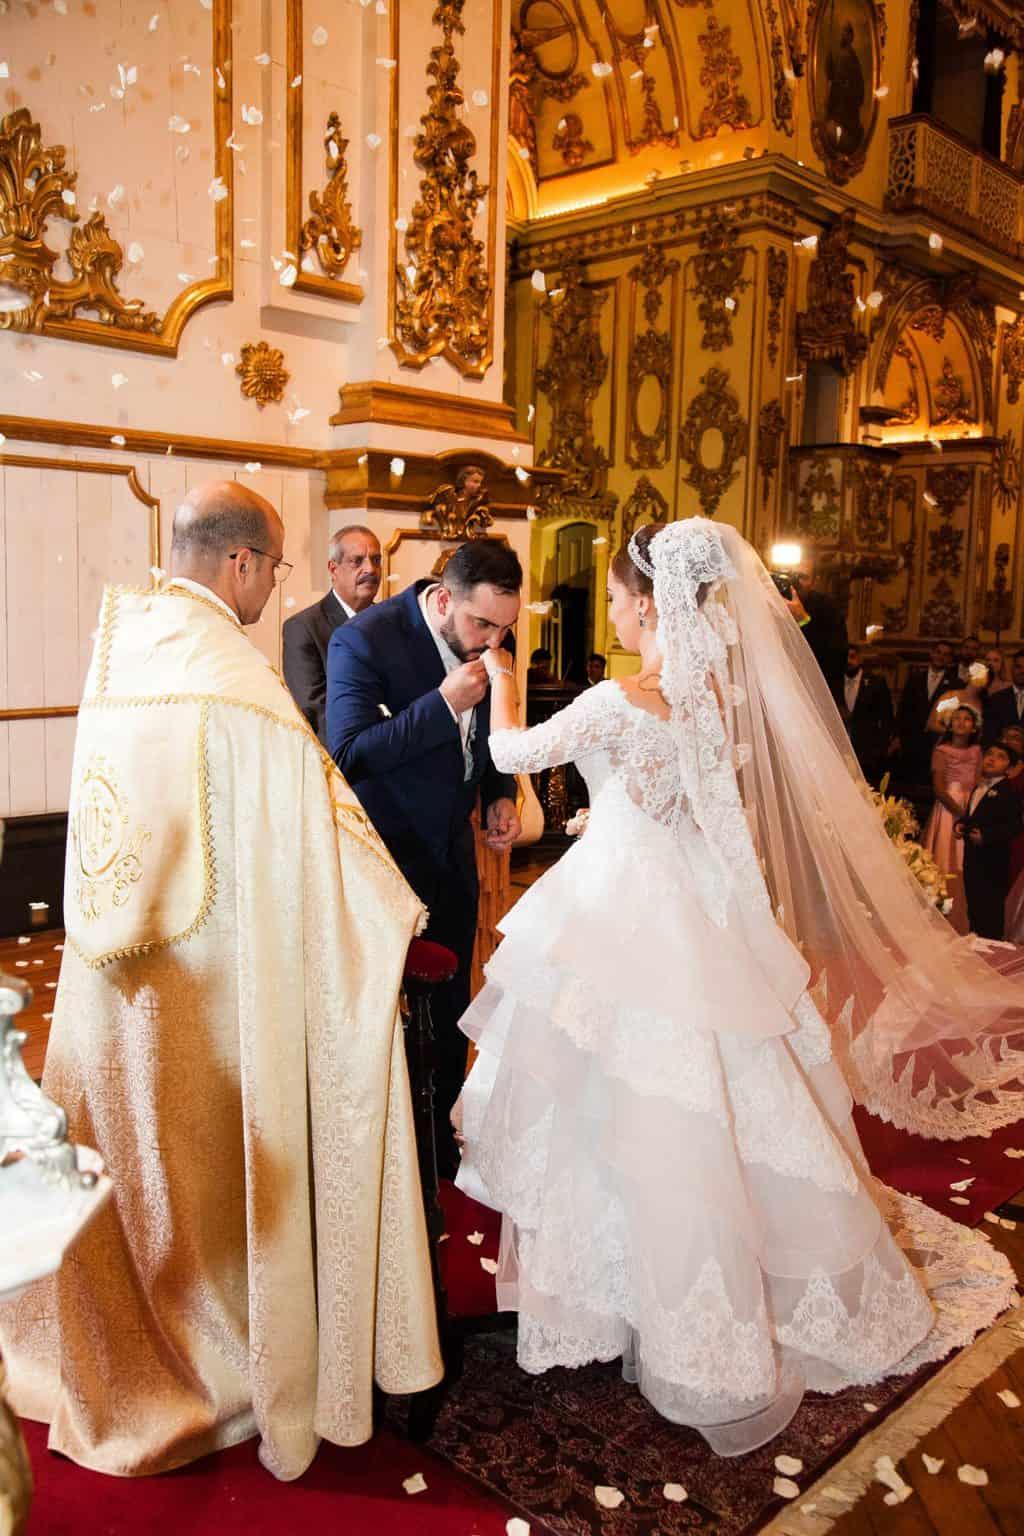 Casamento-Clássico-Casamento-tradicional-Cerimônia-Copacabana-Palace-Monica-Roias-Ribas-Foto-e-Vídeo-Tuanny-e-Bernardo-CaseMe-17